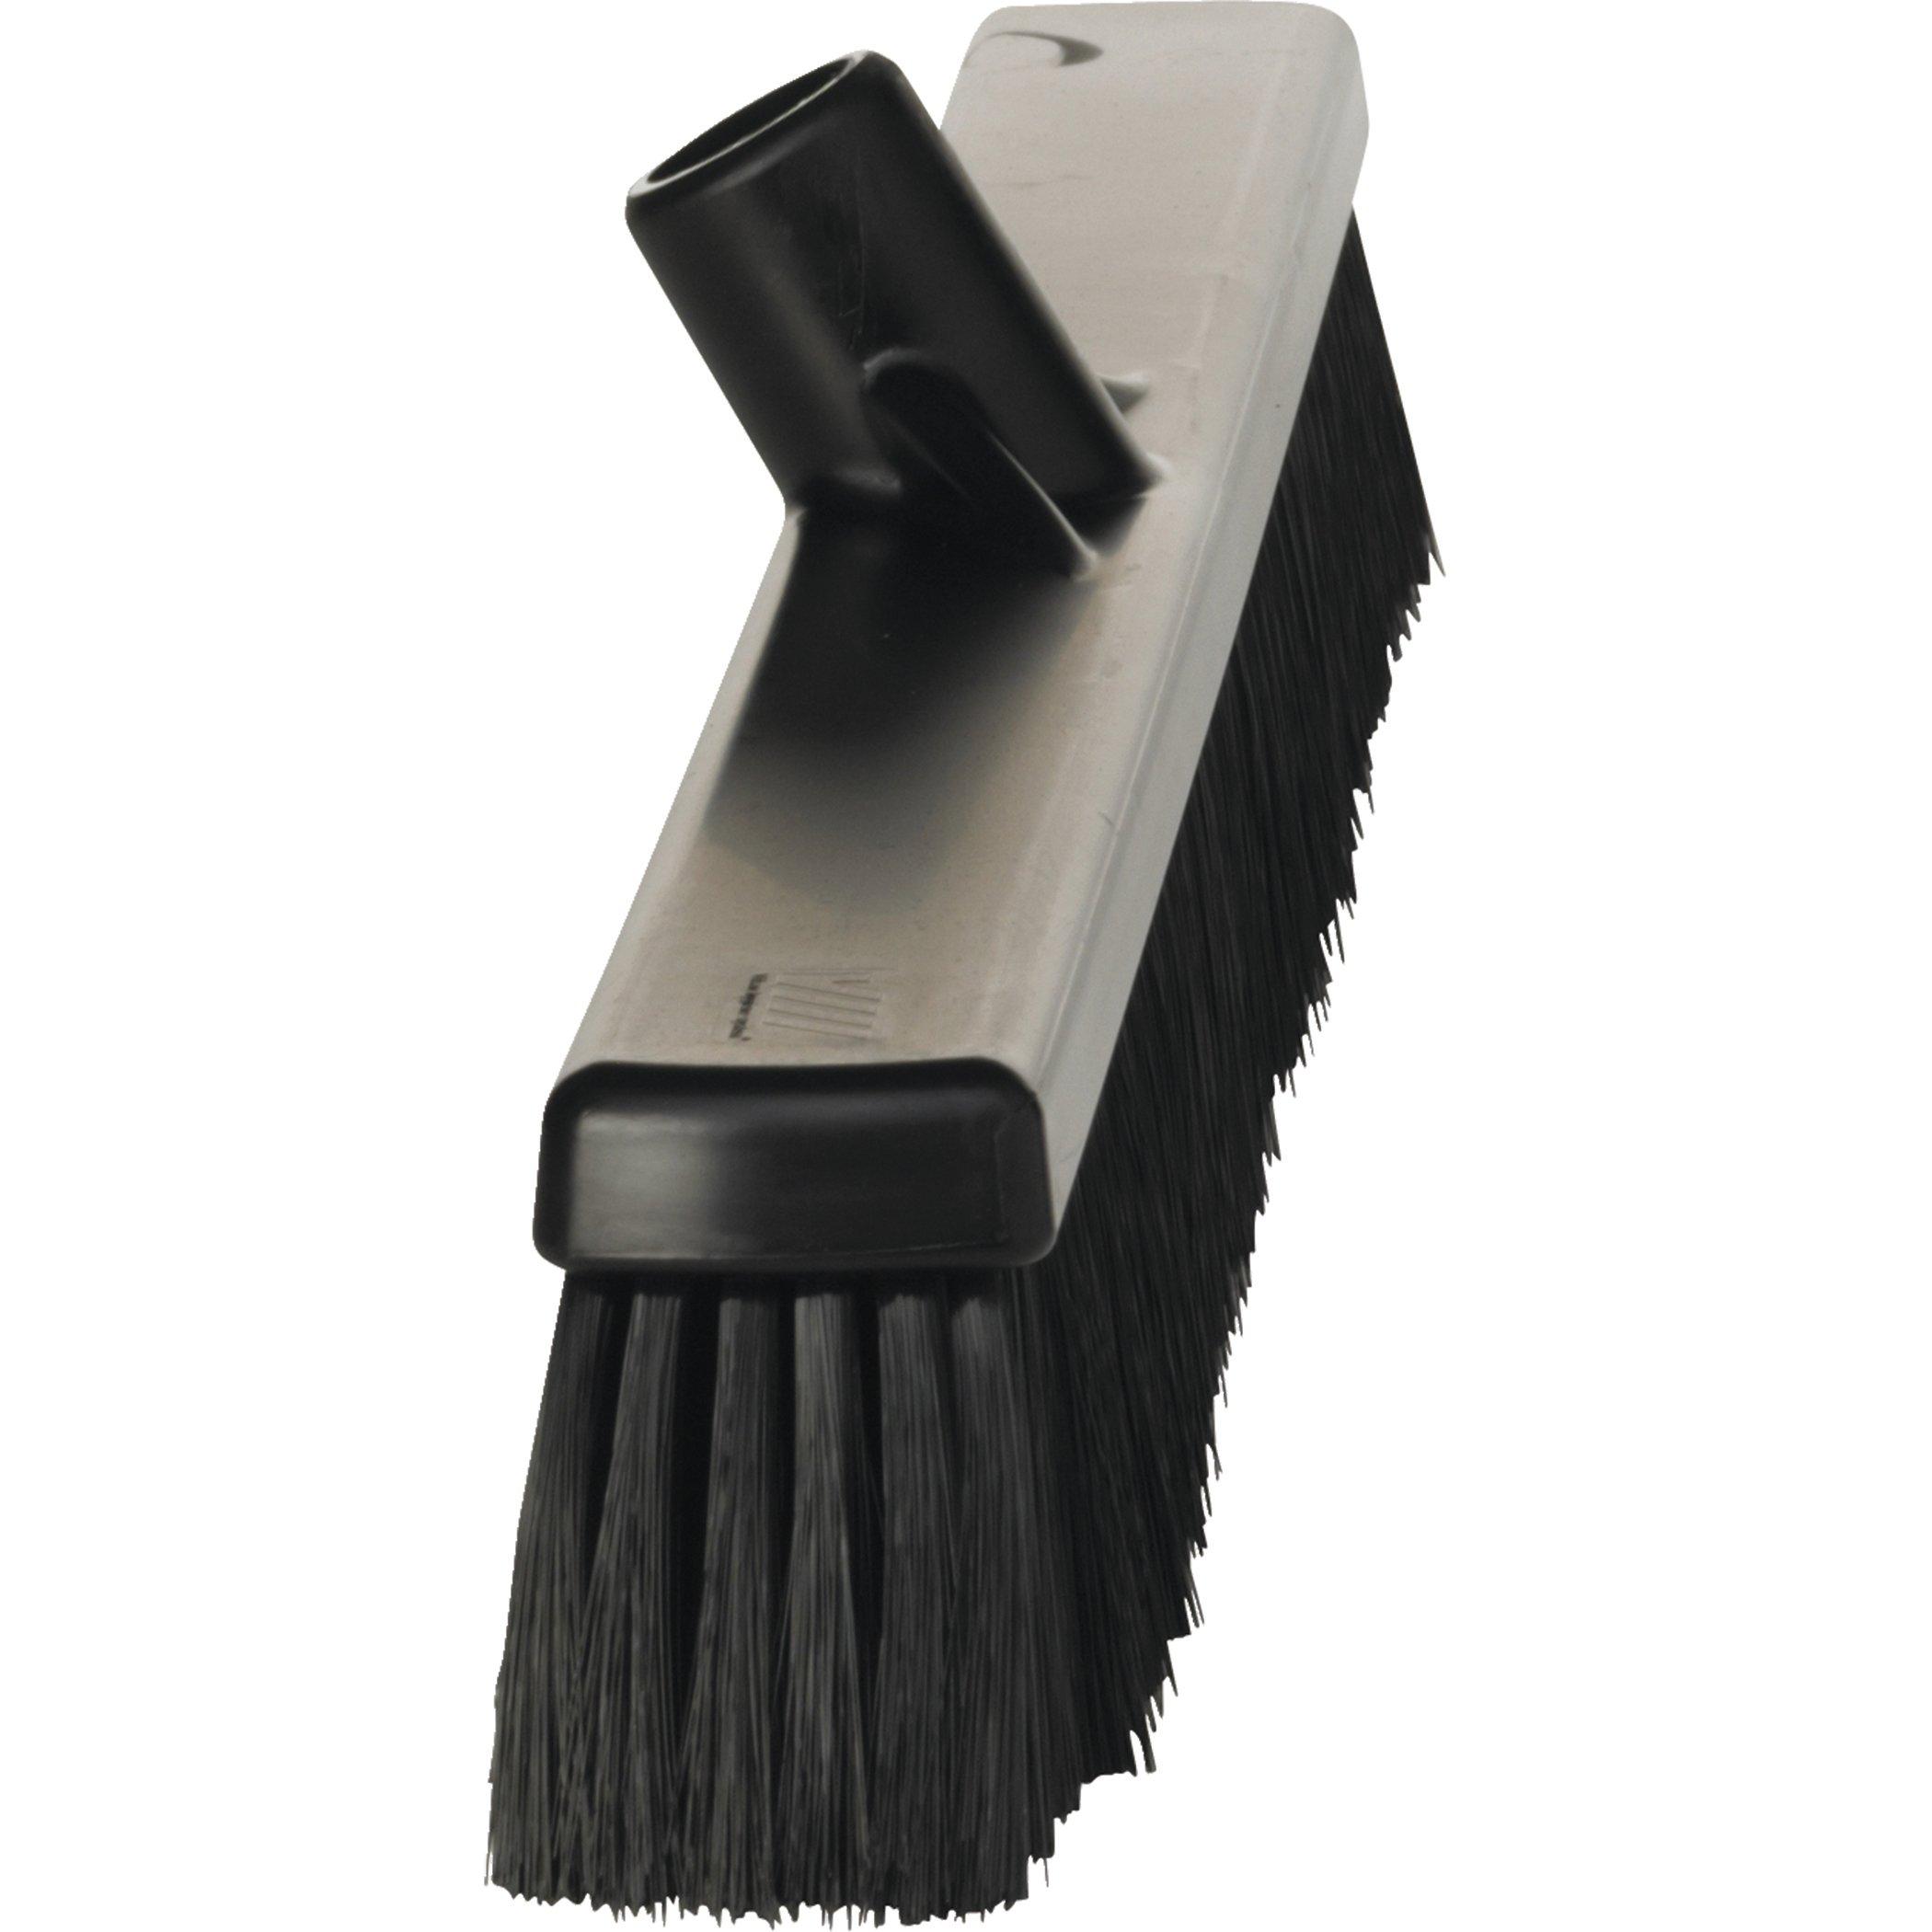 VIKAN Black Push Broom by Vikan